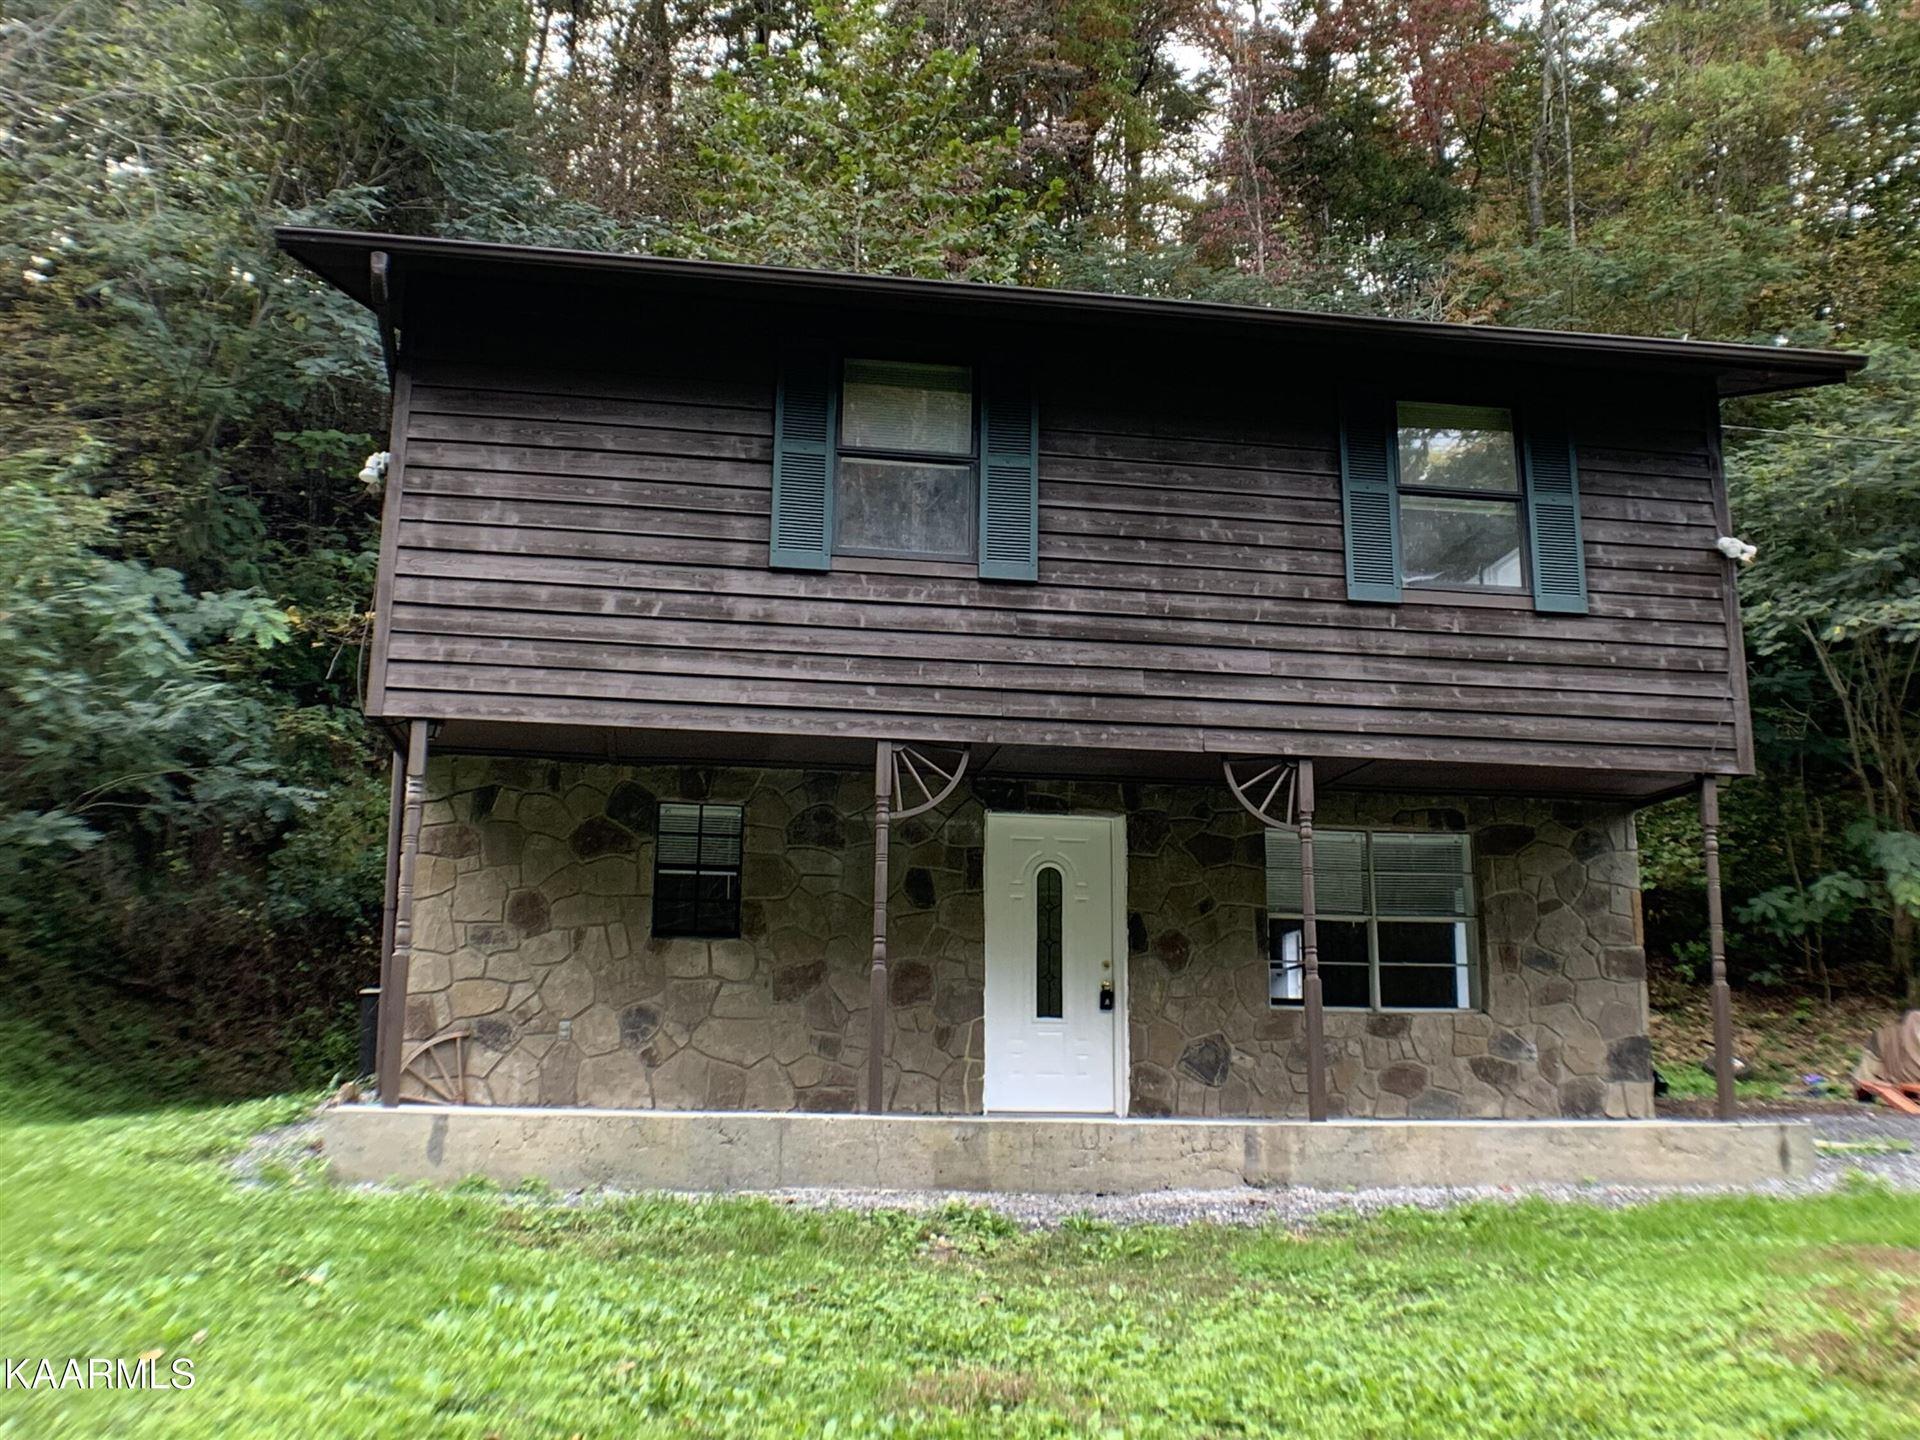 Photo of 1459 Hurst Way, Sevierville, TN 37876 (MLS # 1167180)